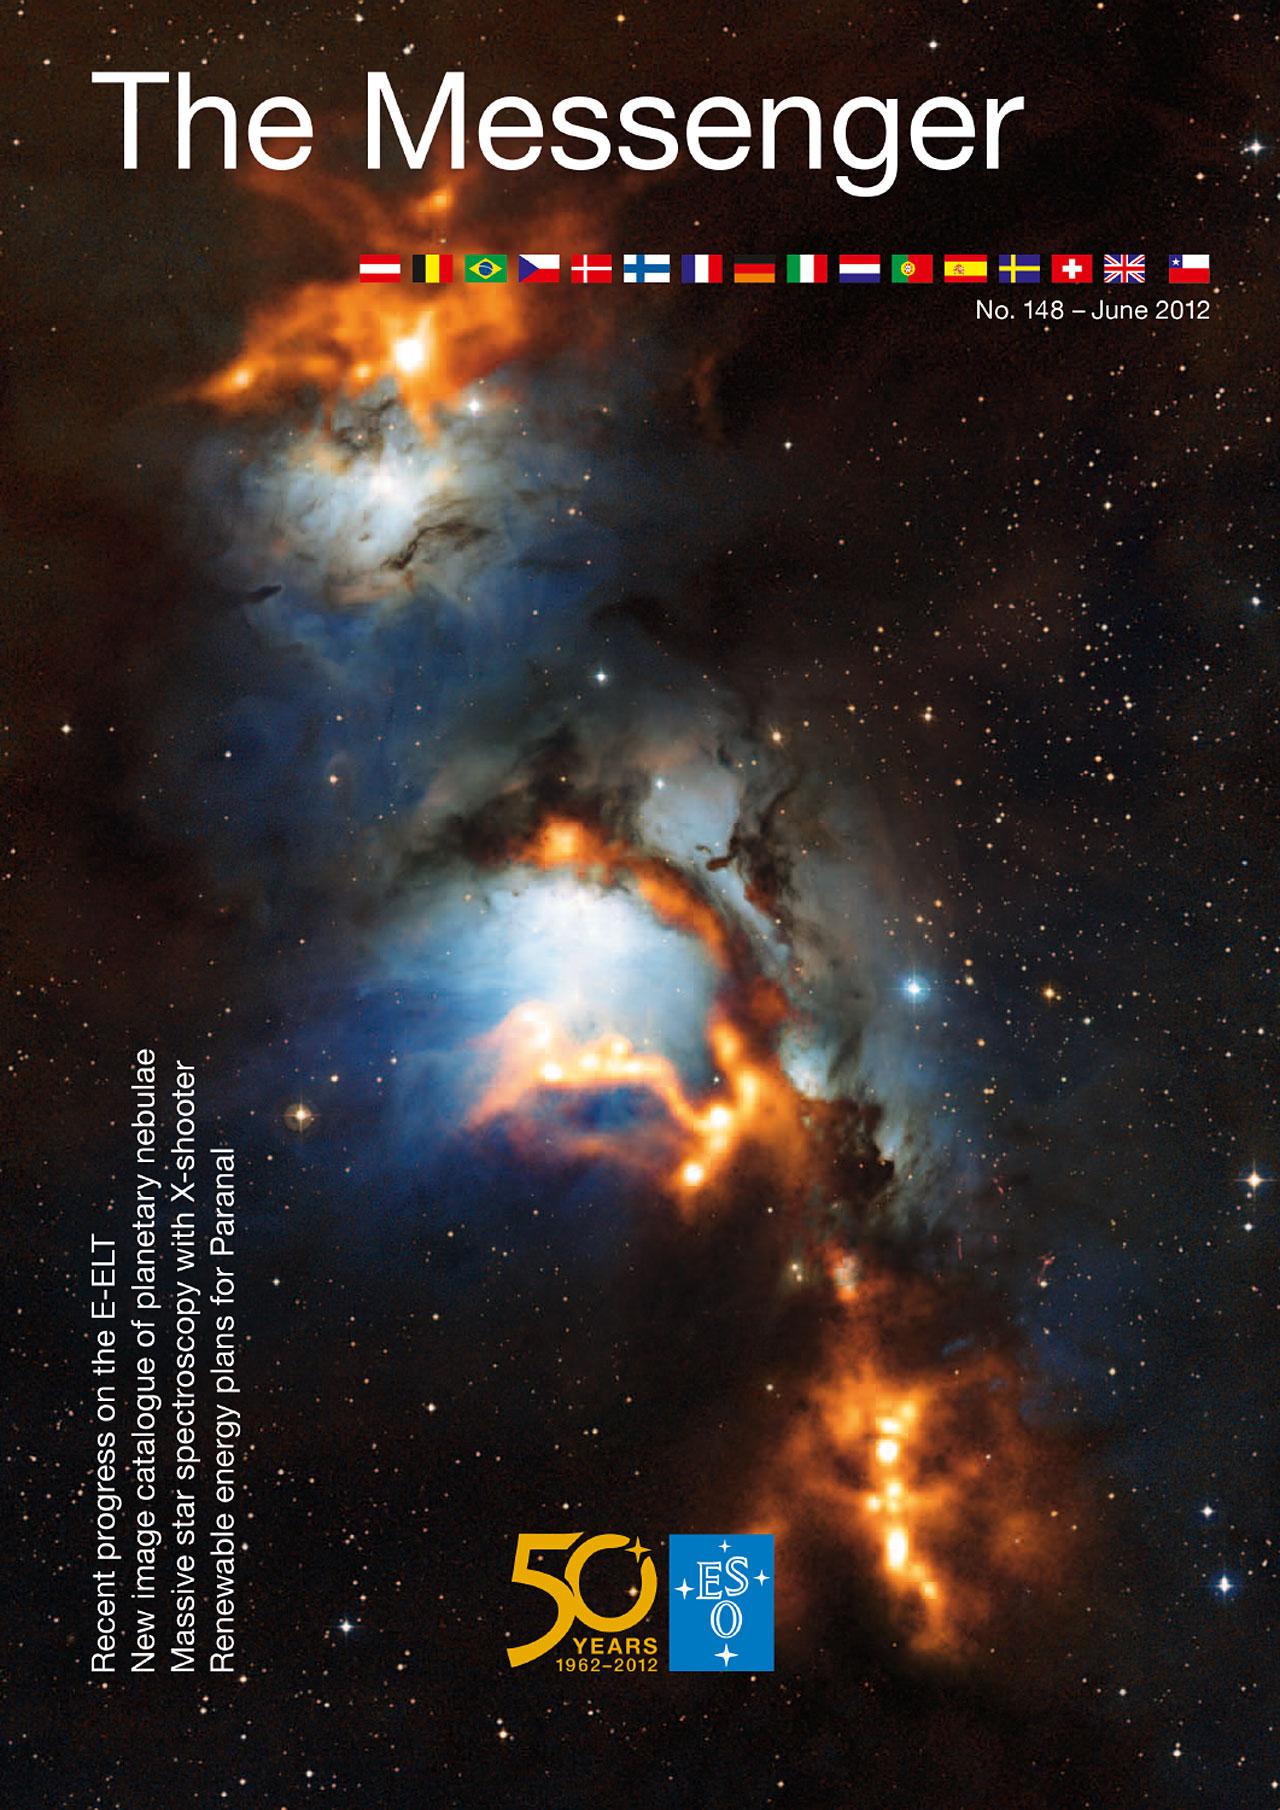 Titelseite von The Messenger Nr. 148